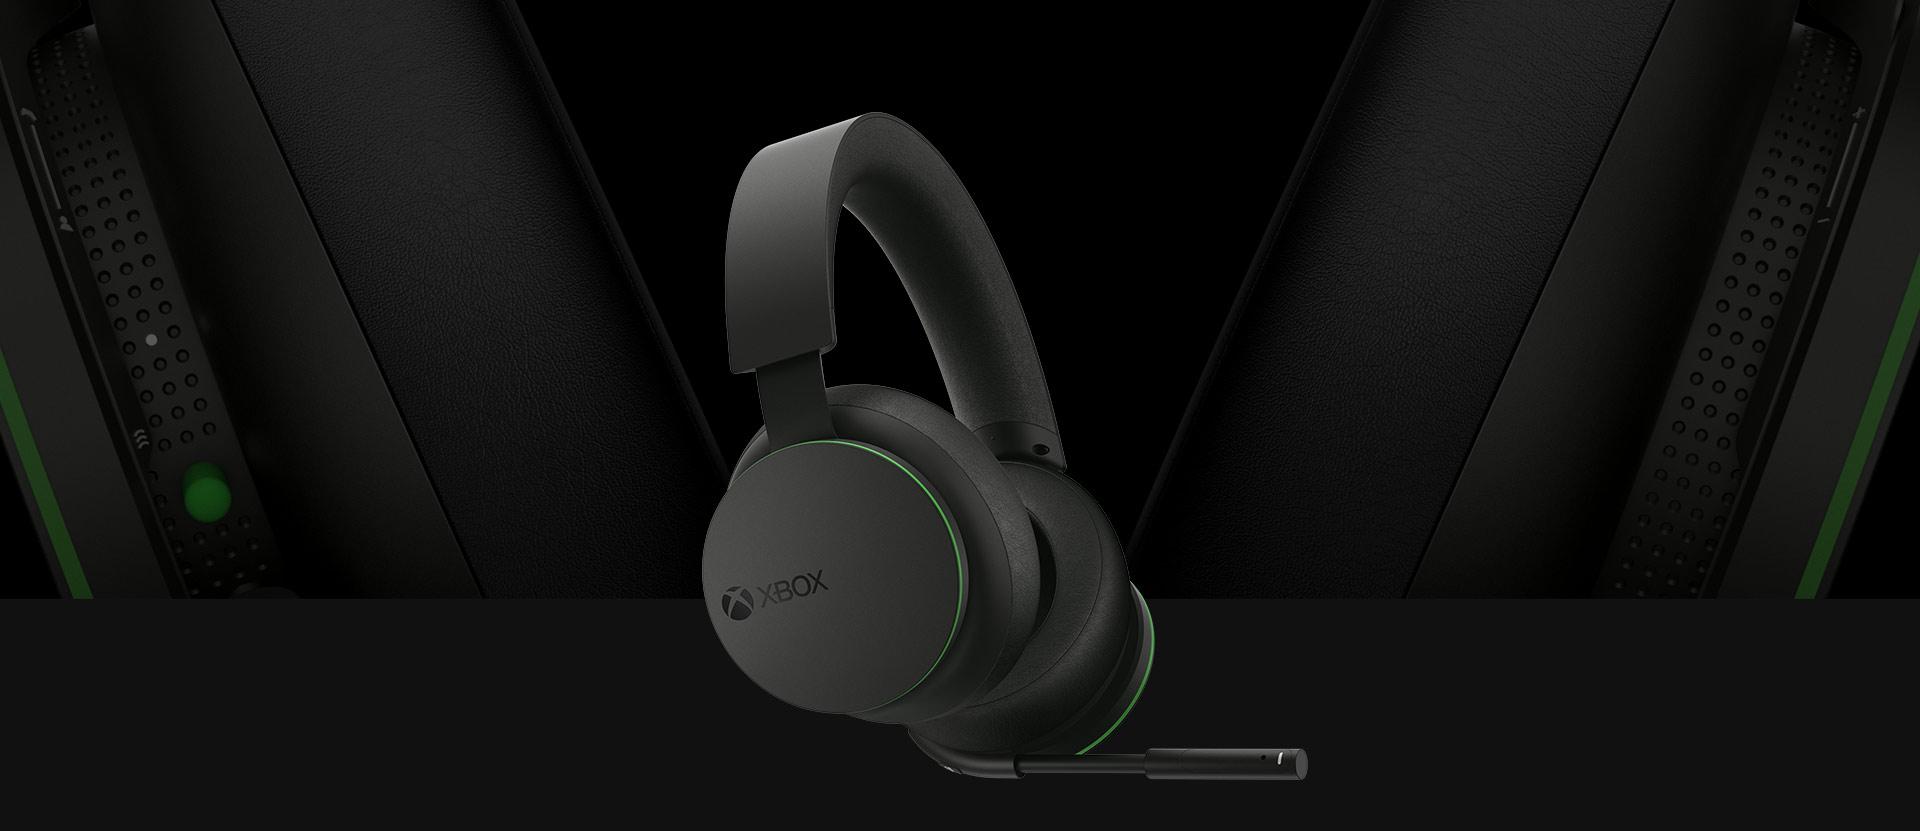 Vista frontal en ángulo de los Audifonos inalámbricos Xbox. Se muestra una vista detallada más grande de los auriculares detrás de los audifonos.